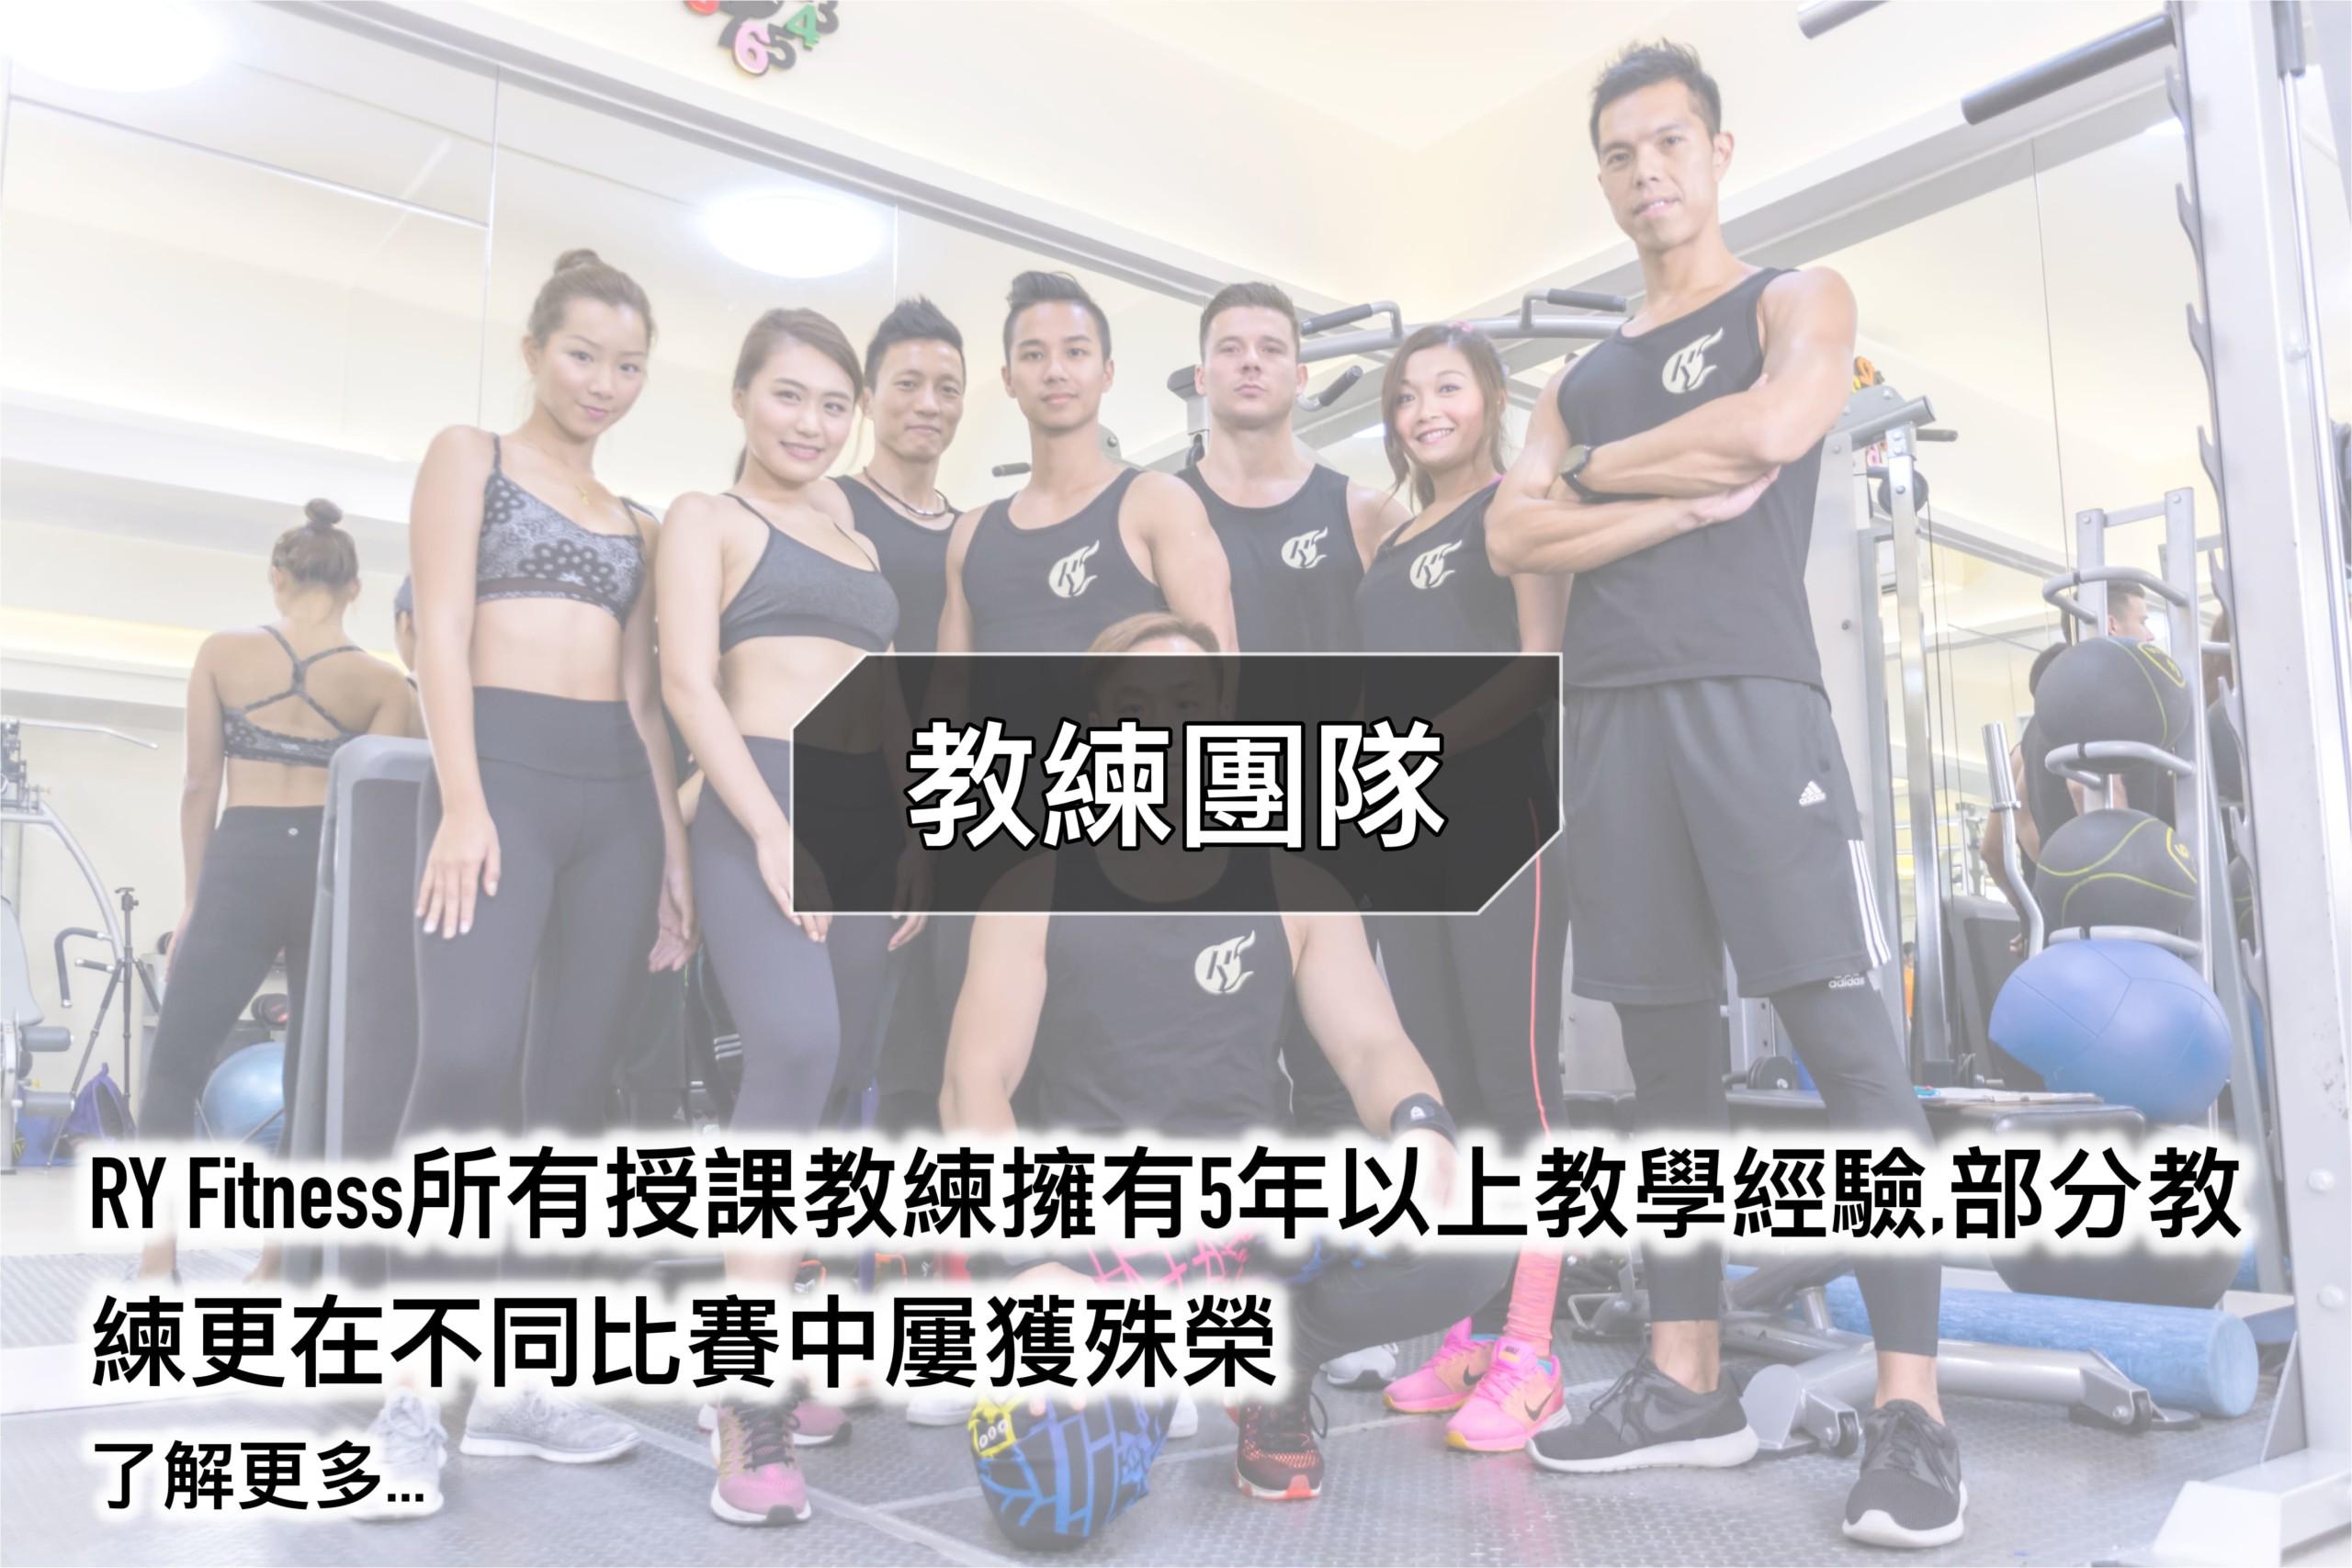 健身教練團隊